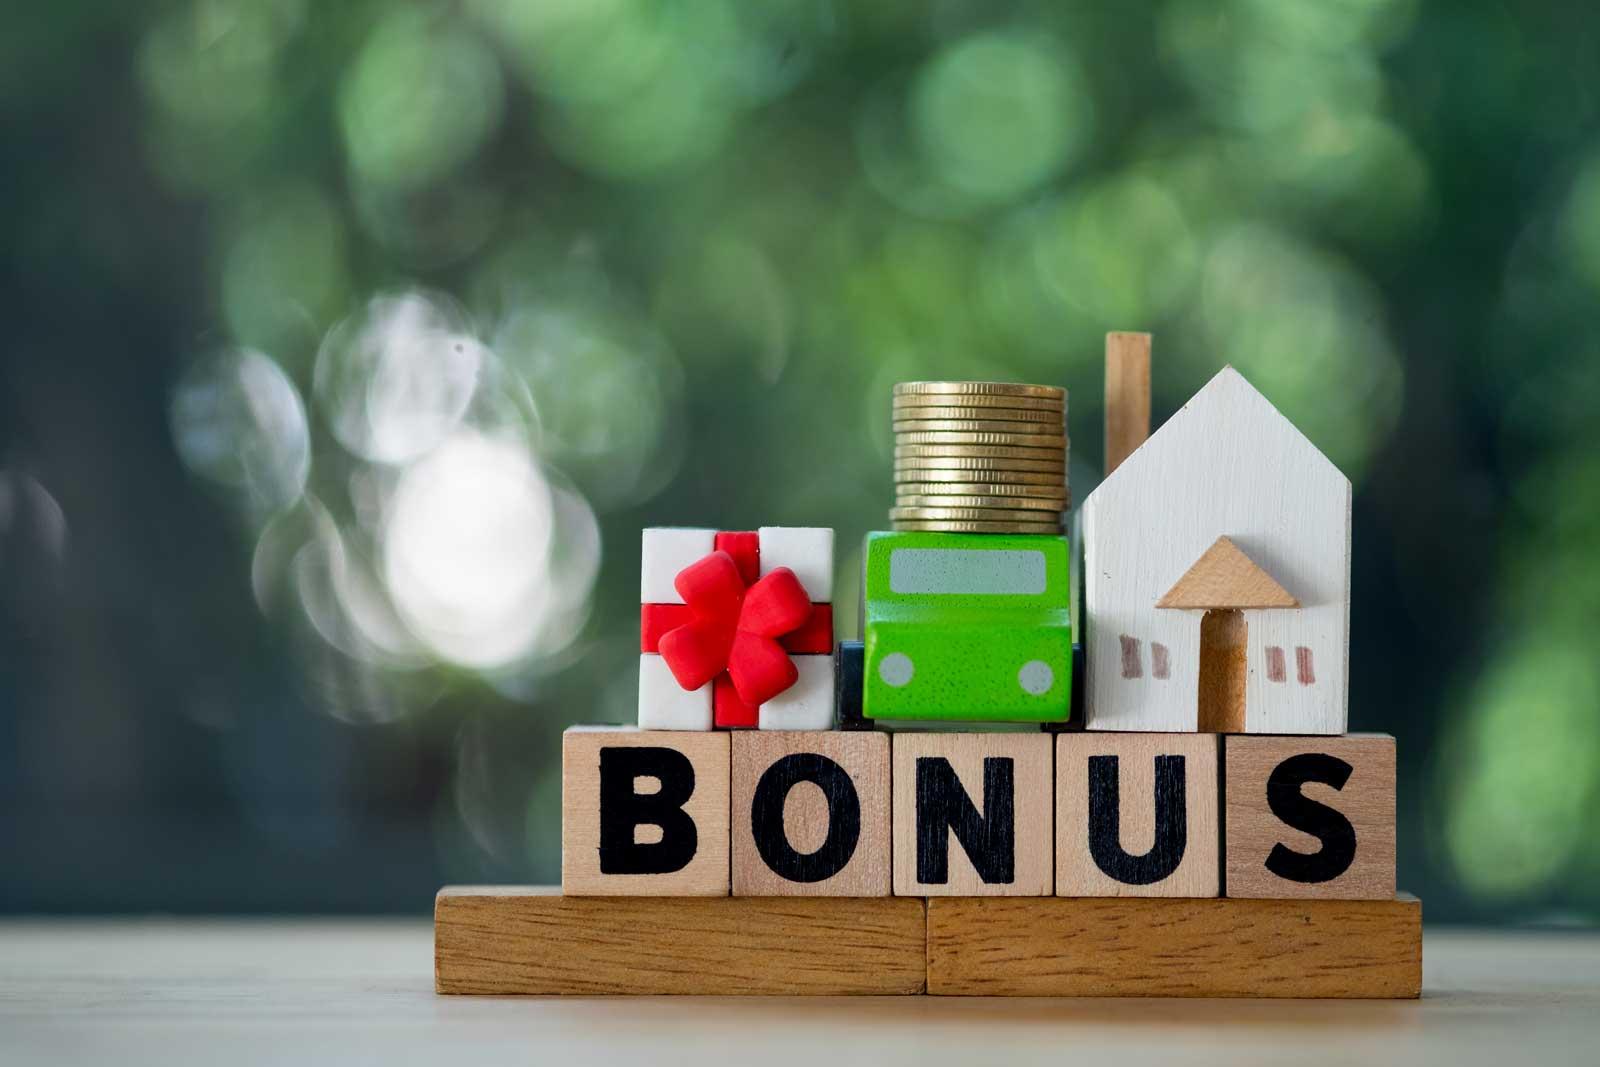 Bonus prima casa 2020, decadenza del beneficio rimandata al 2021 - Cofim  Blog - Notizie dal mondo immobiliare